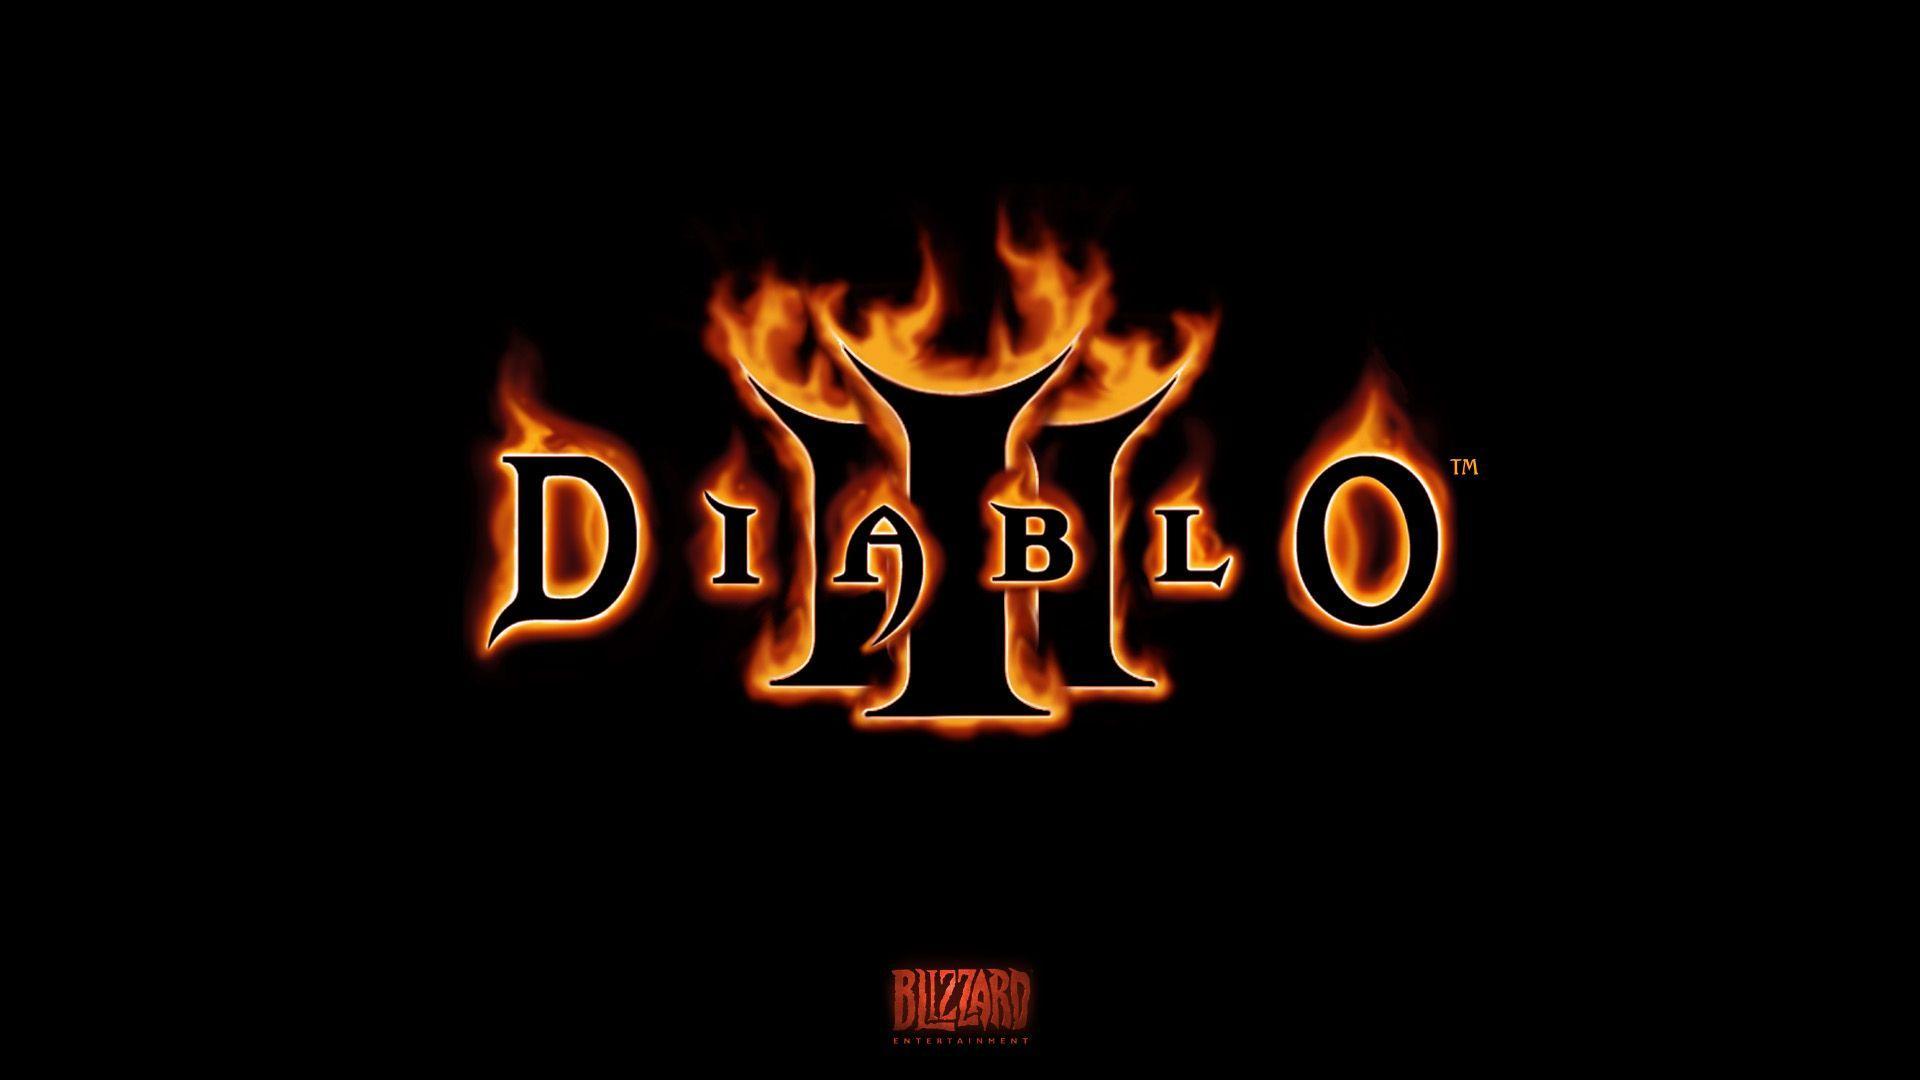 Diablo 3 Wallpaper Hd #2896 | picttop.